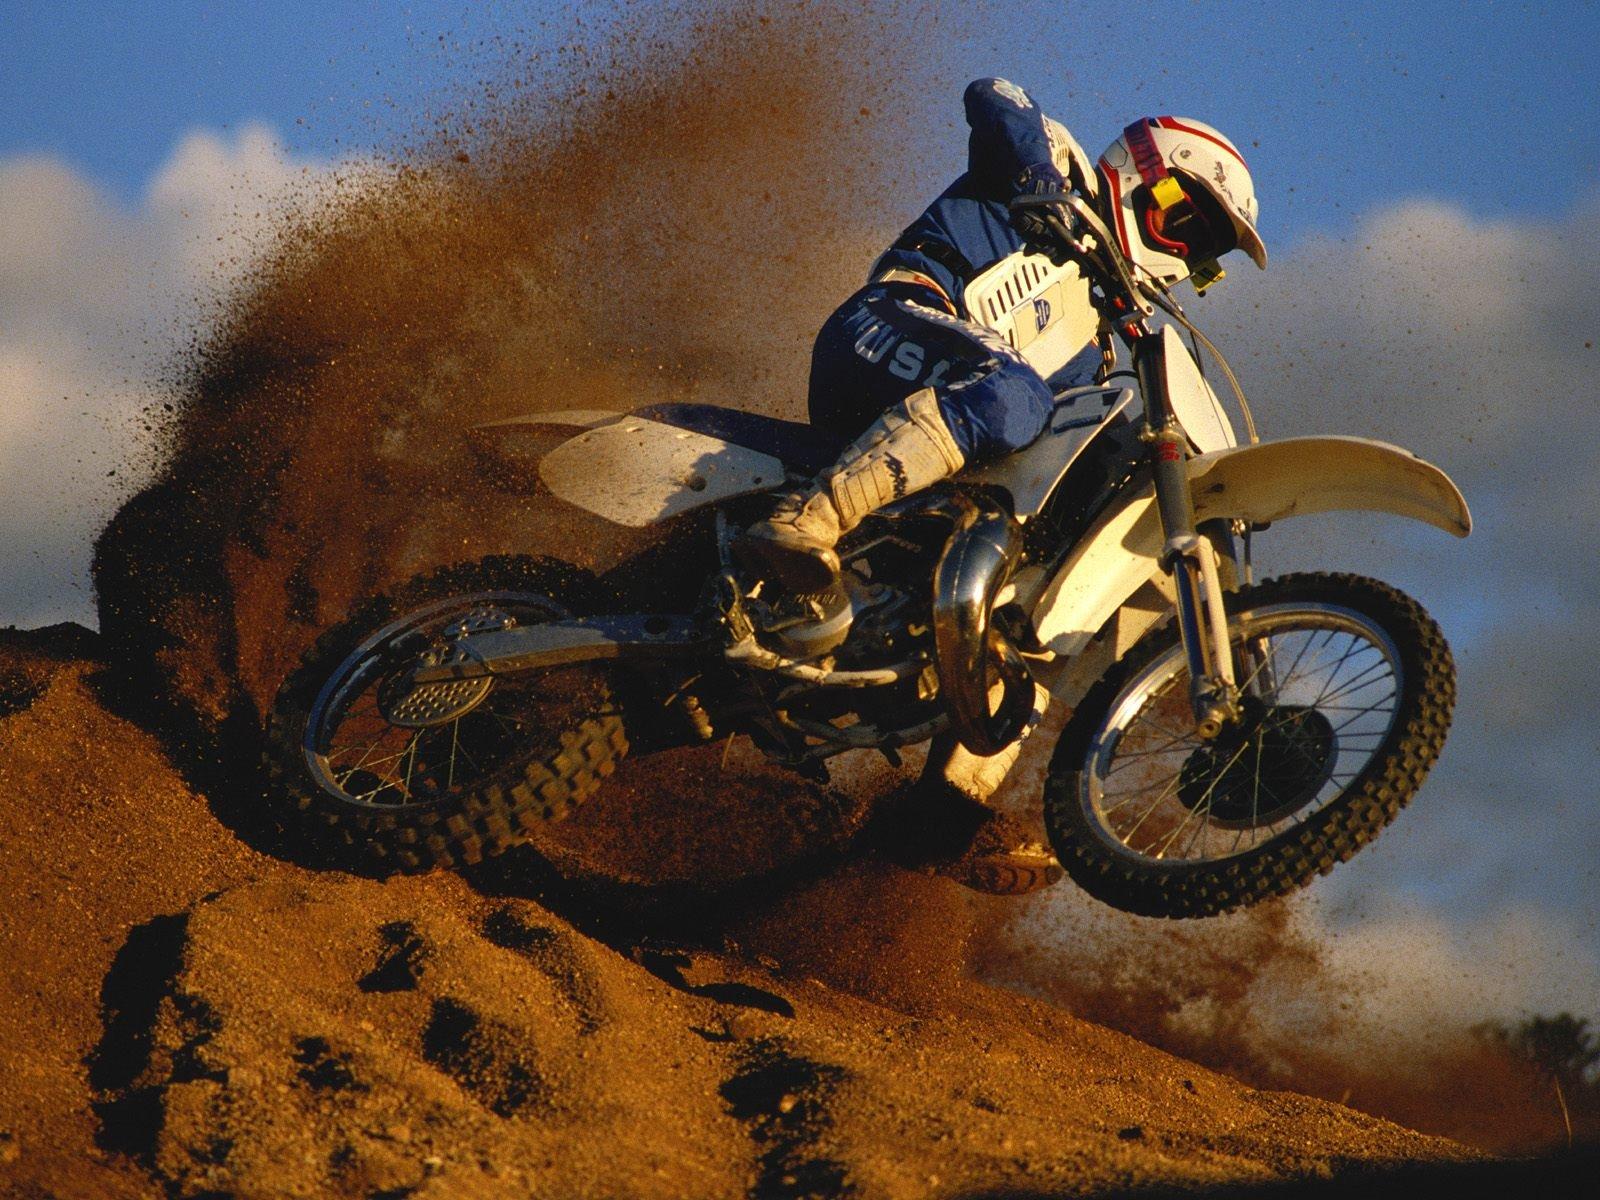 мотоцикл вираж скорость загрузить